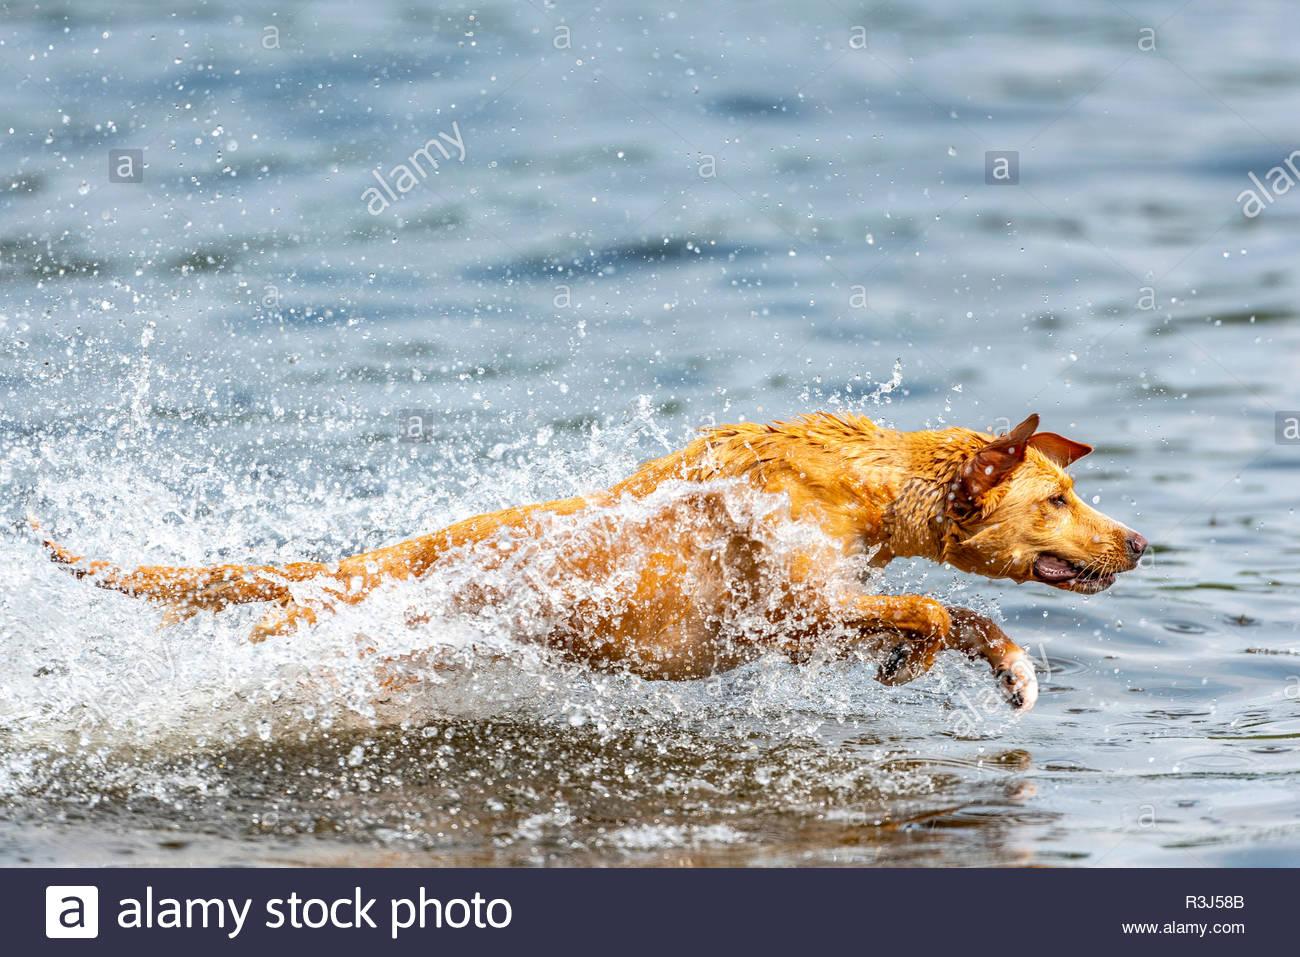 Hund spielt im Wasser - Stock Image